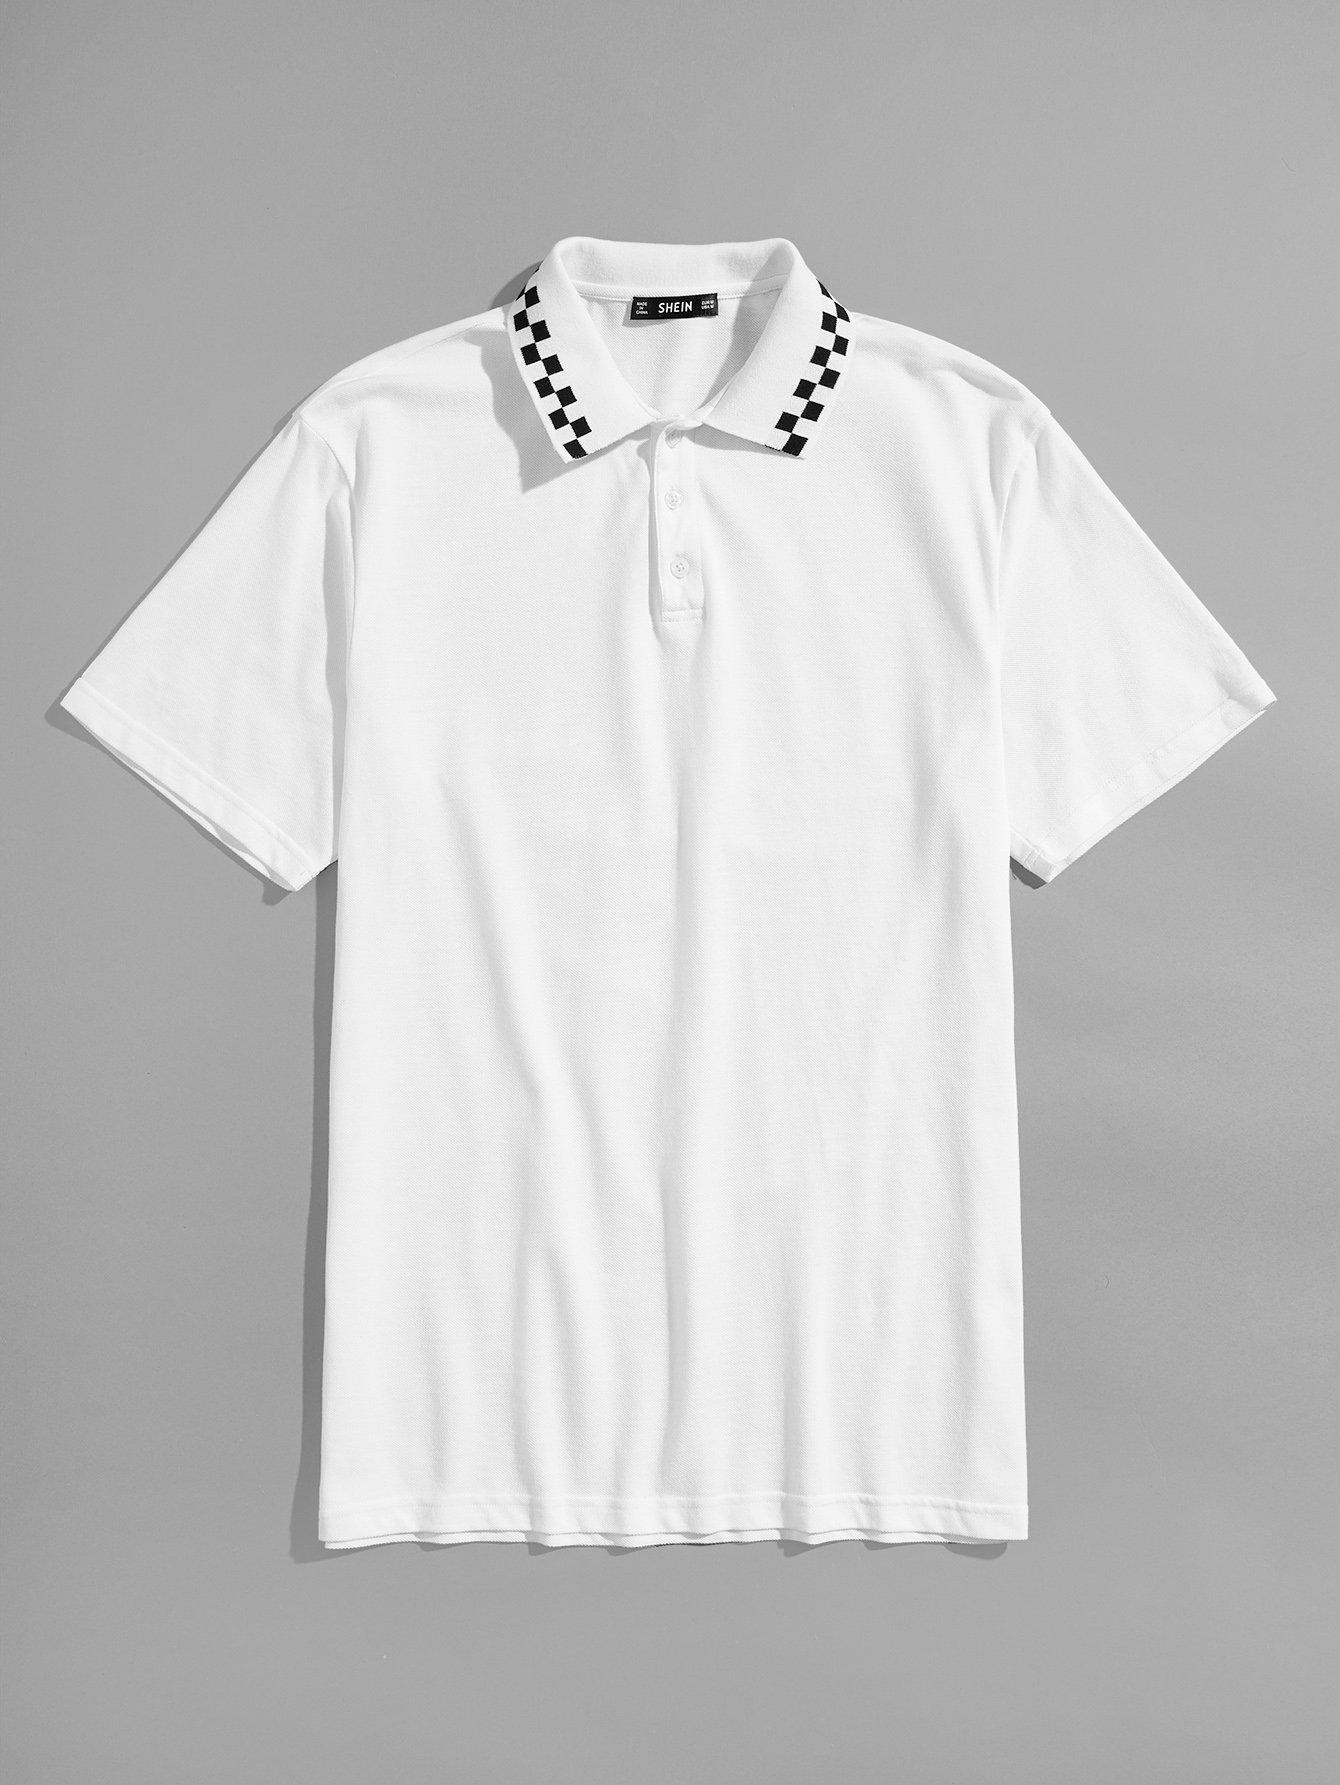 Купить Мужская футболка с длинным рукавом, null, SheIn